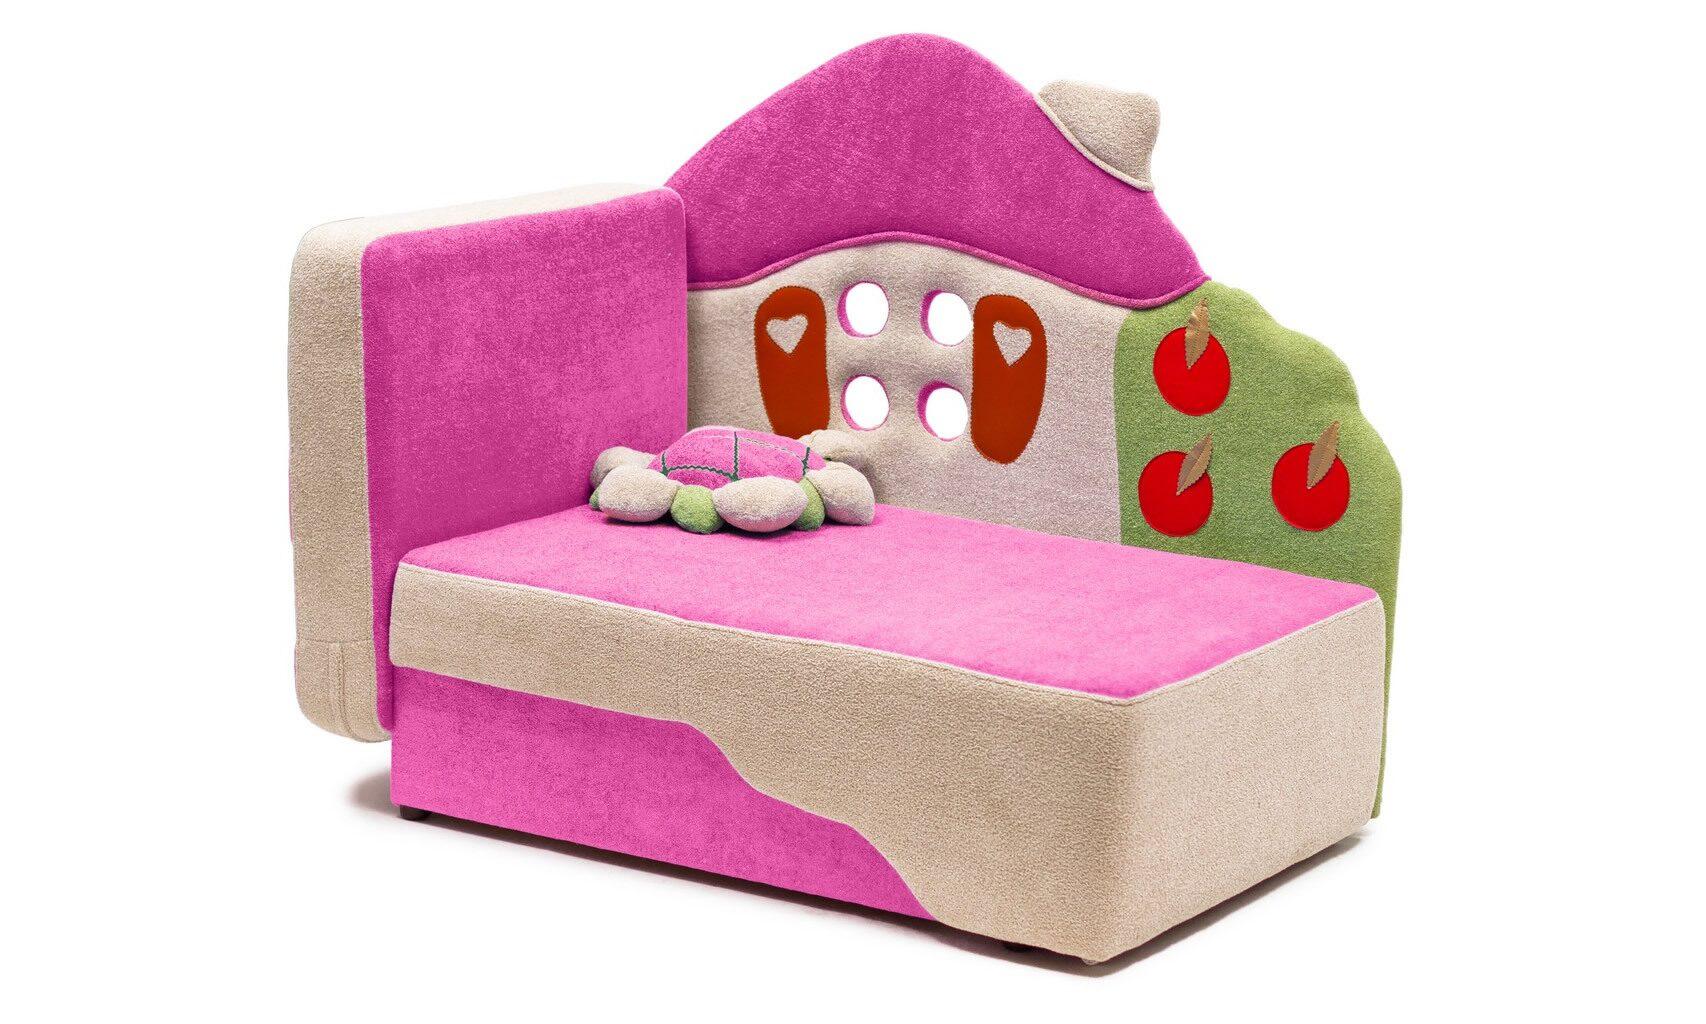 купить кресло кровать в минске б.у